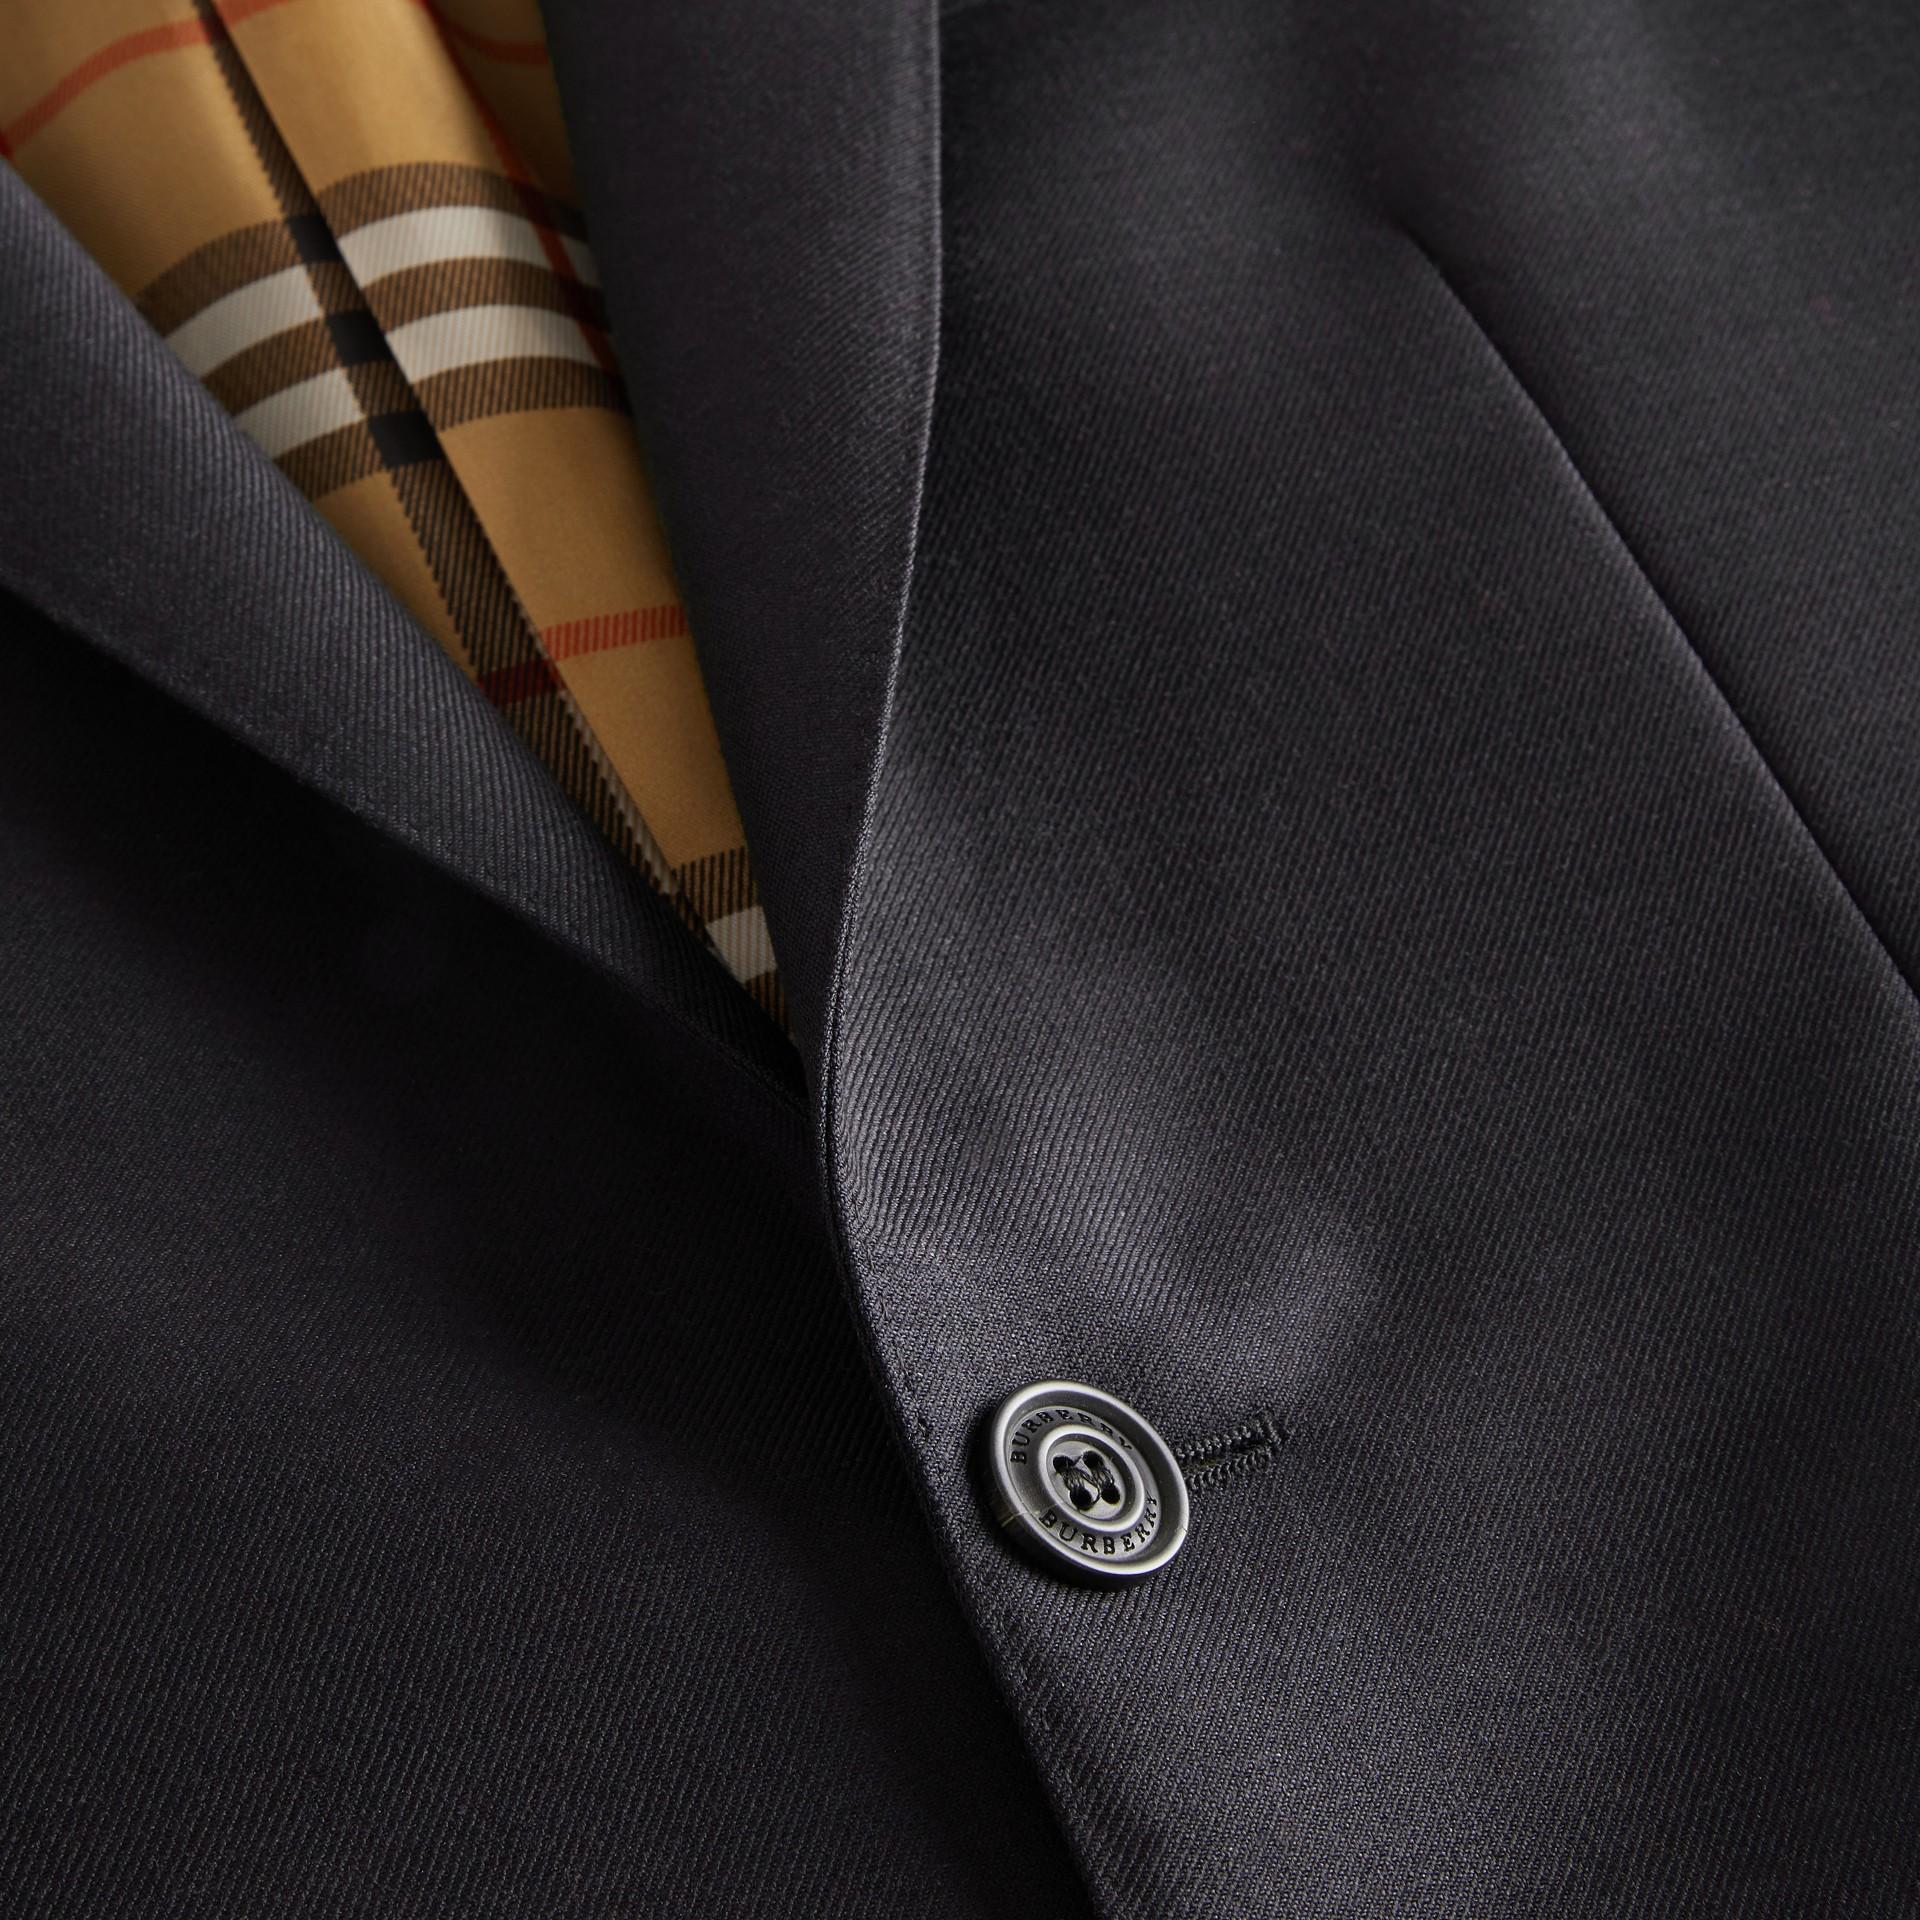 슬림핏 울 모헤어 테일러드 재킷 (블랙) - 남성 | Burberry - 갤러리 이미지 4